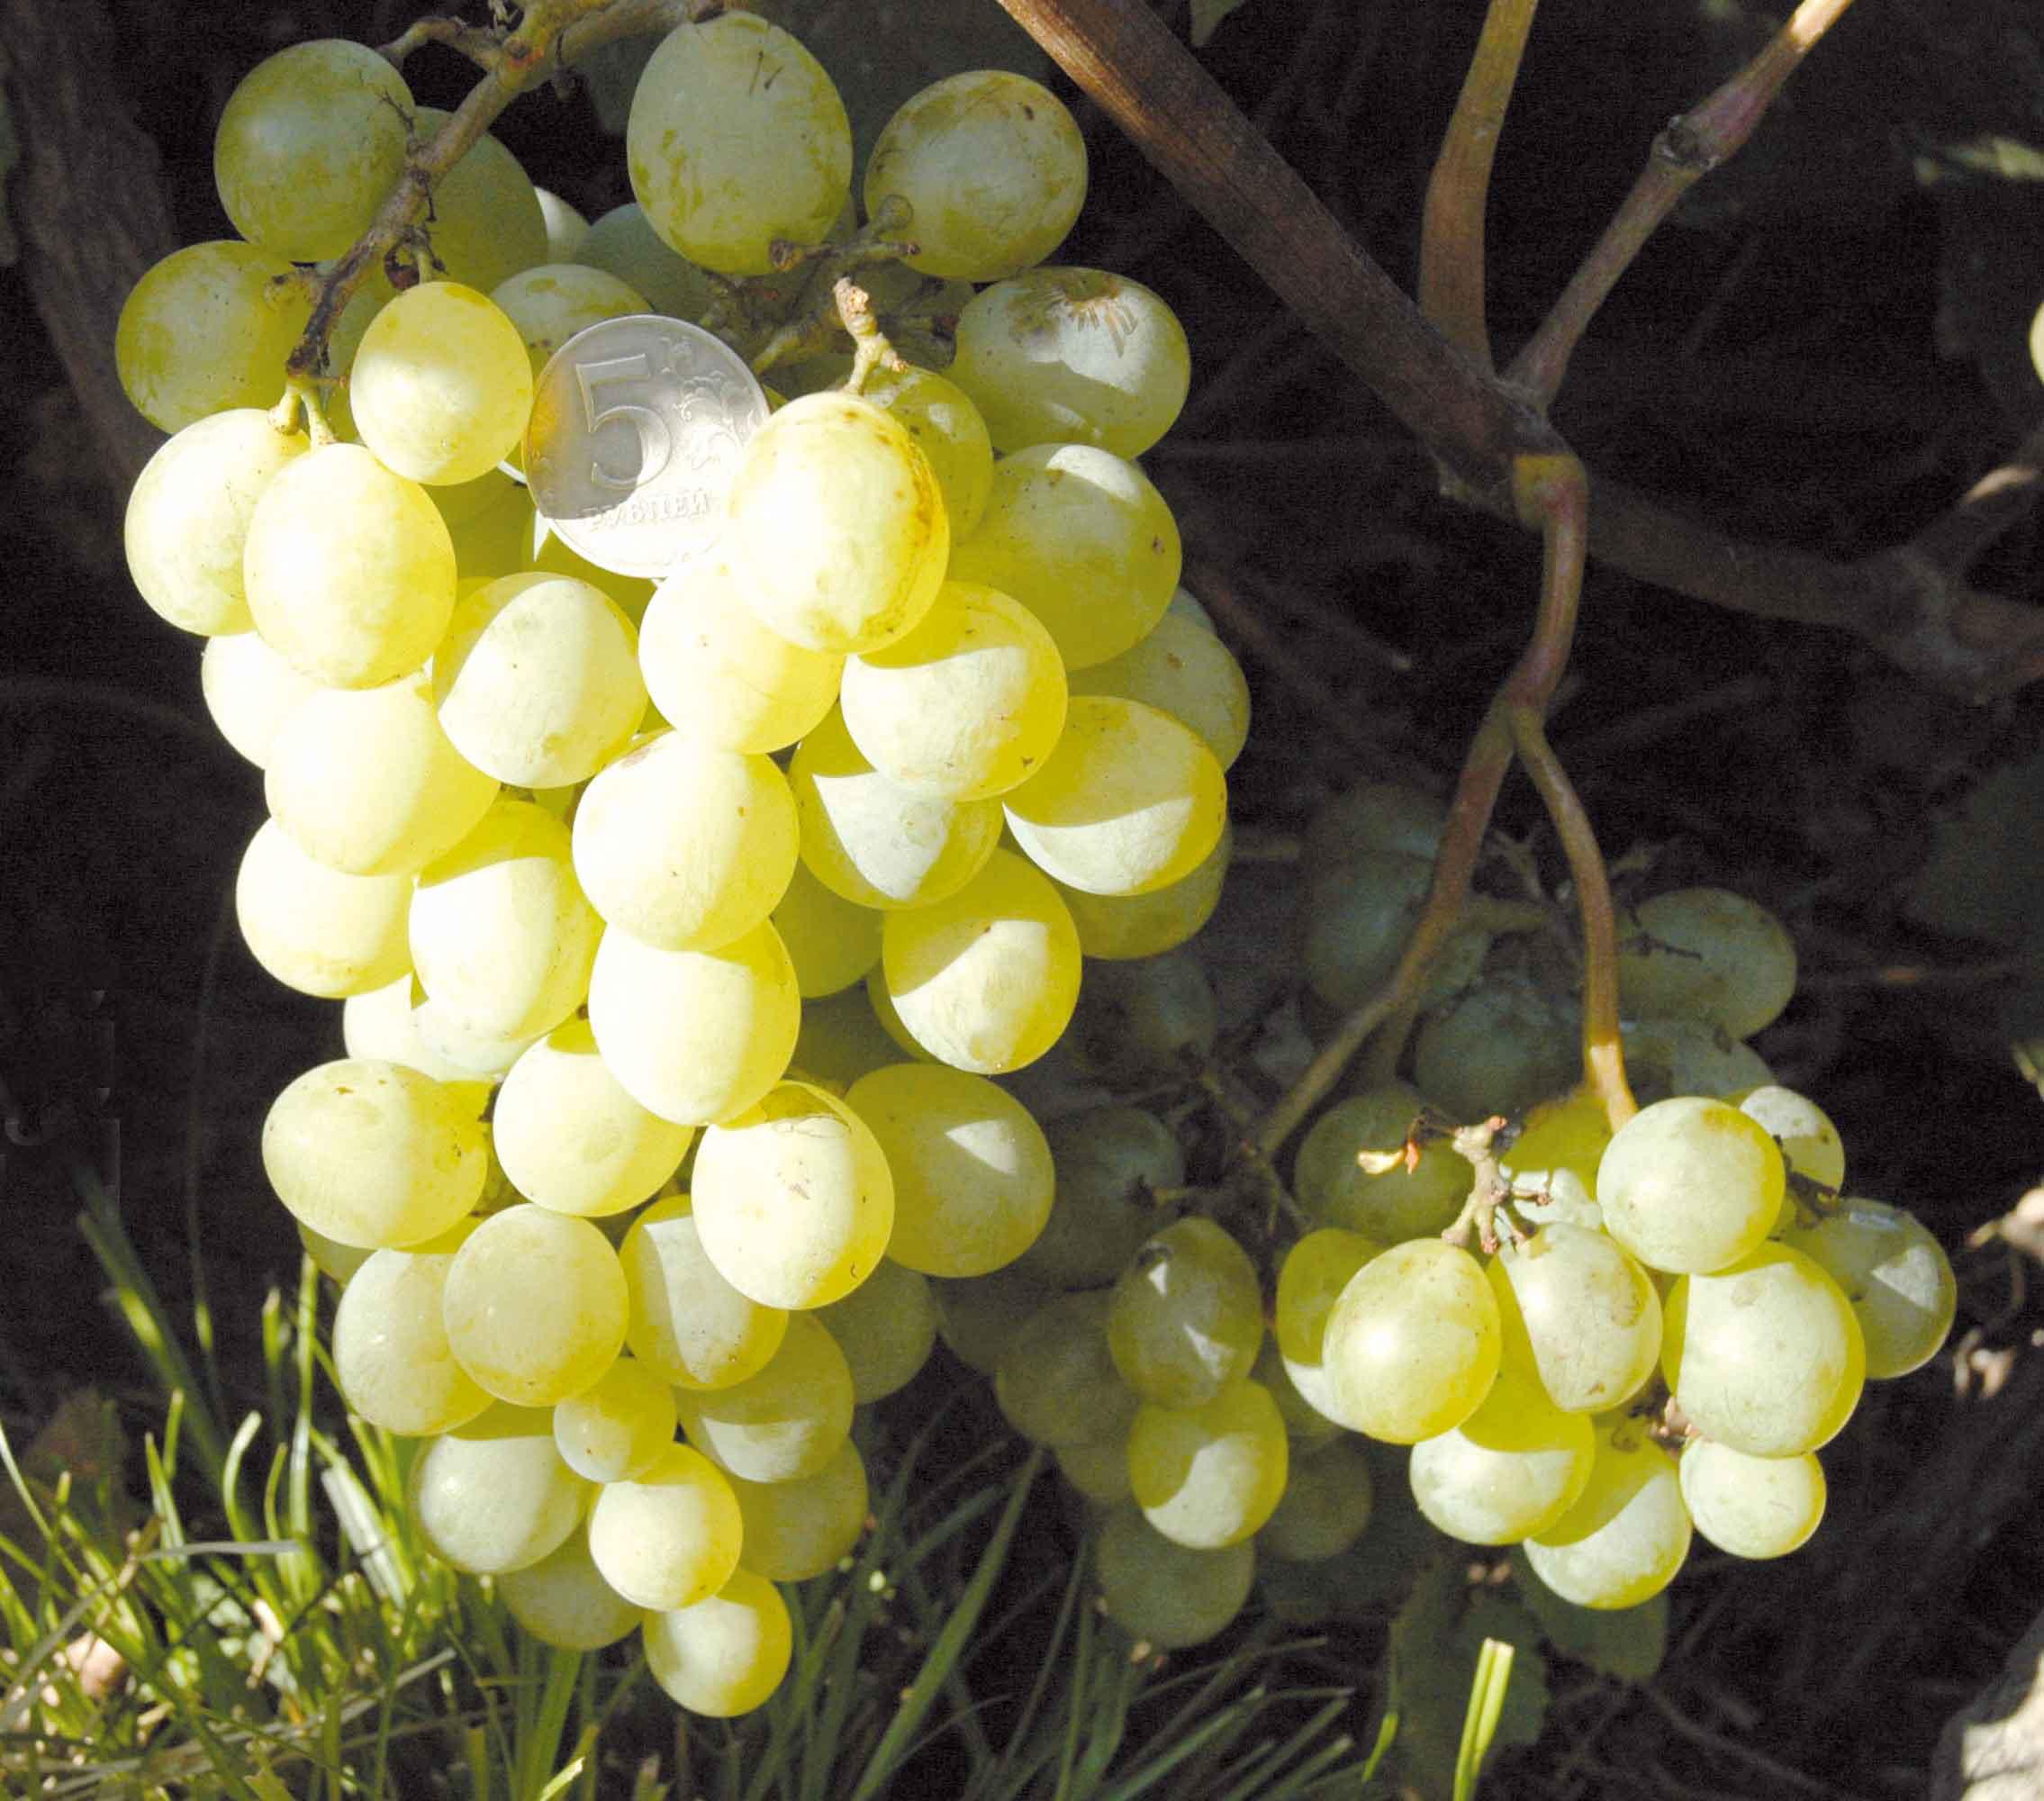 Виноград сорта мускат: характеристика на примере белого и иных видов, их описание и полезные свойства